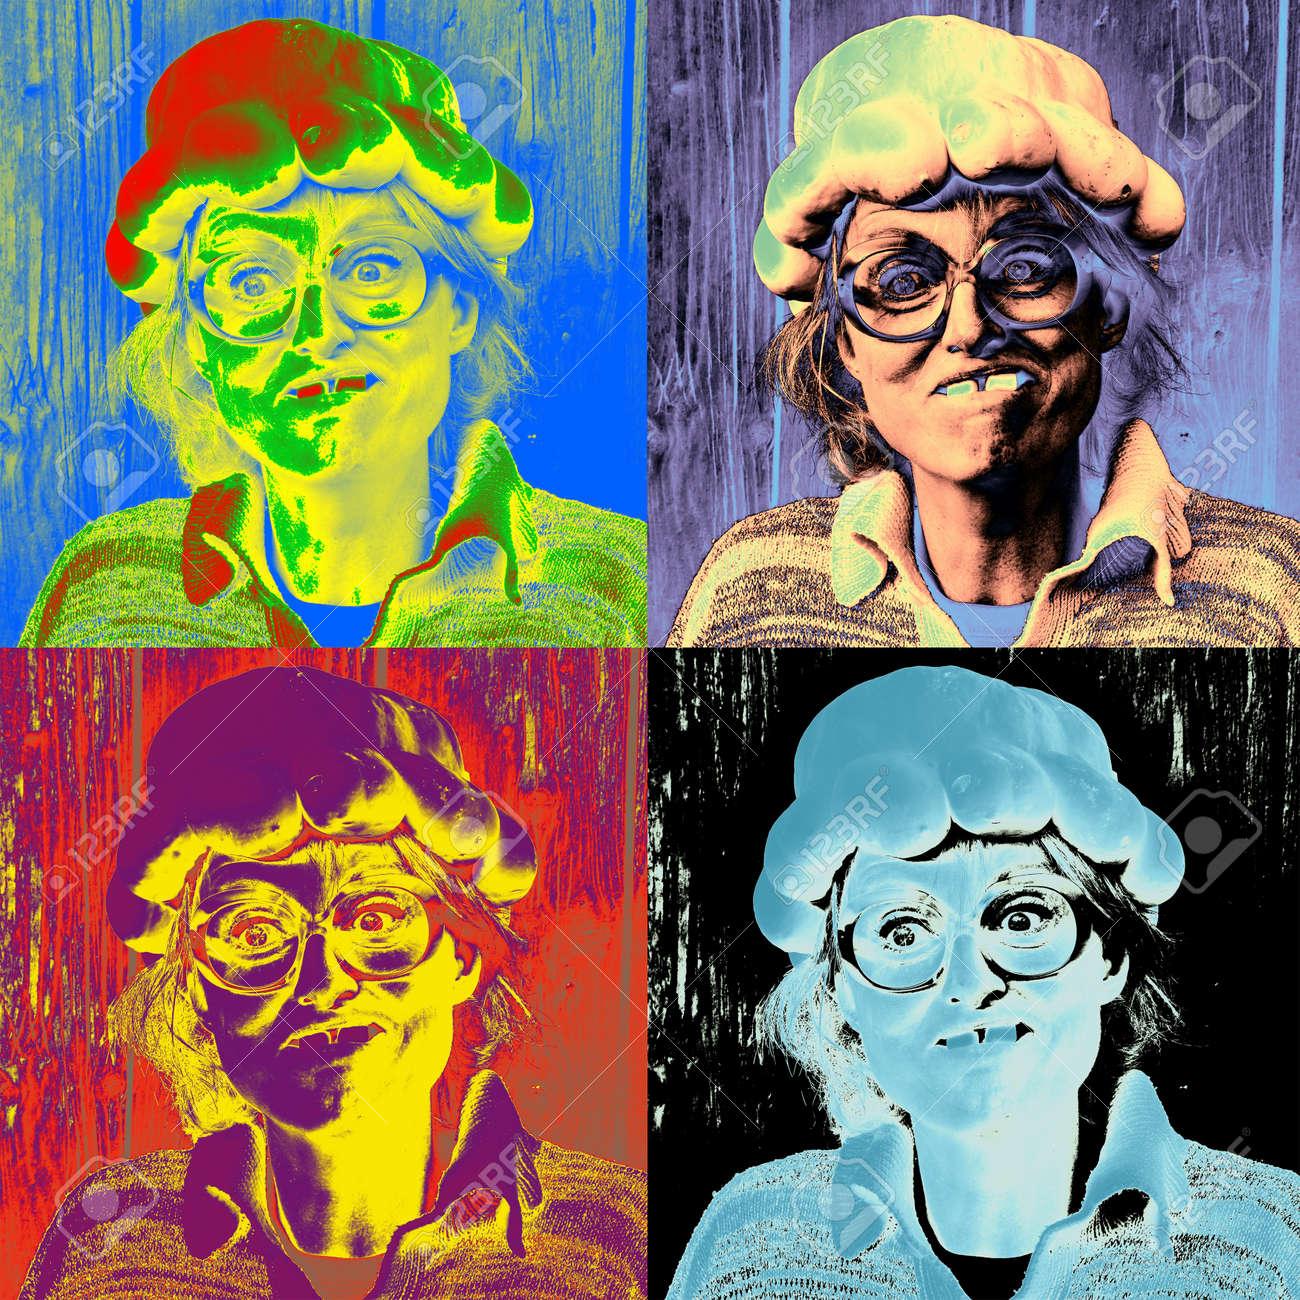 Andy Warhol Inspirierten Kunstwerk Von Einem Goofy Frau In Einem